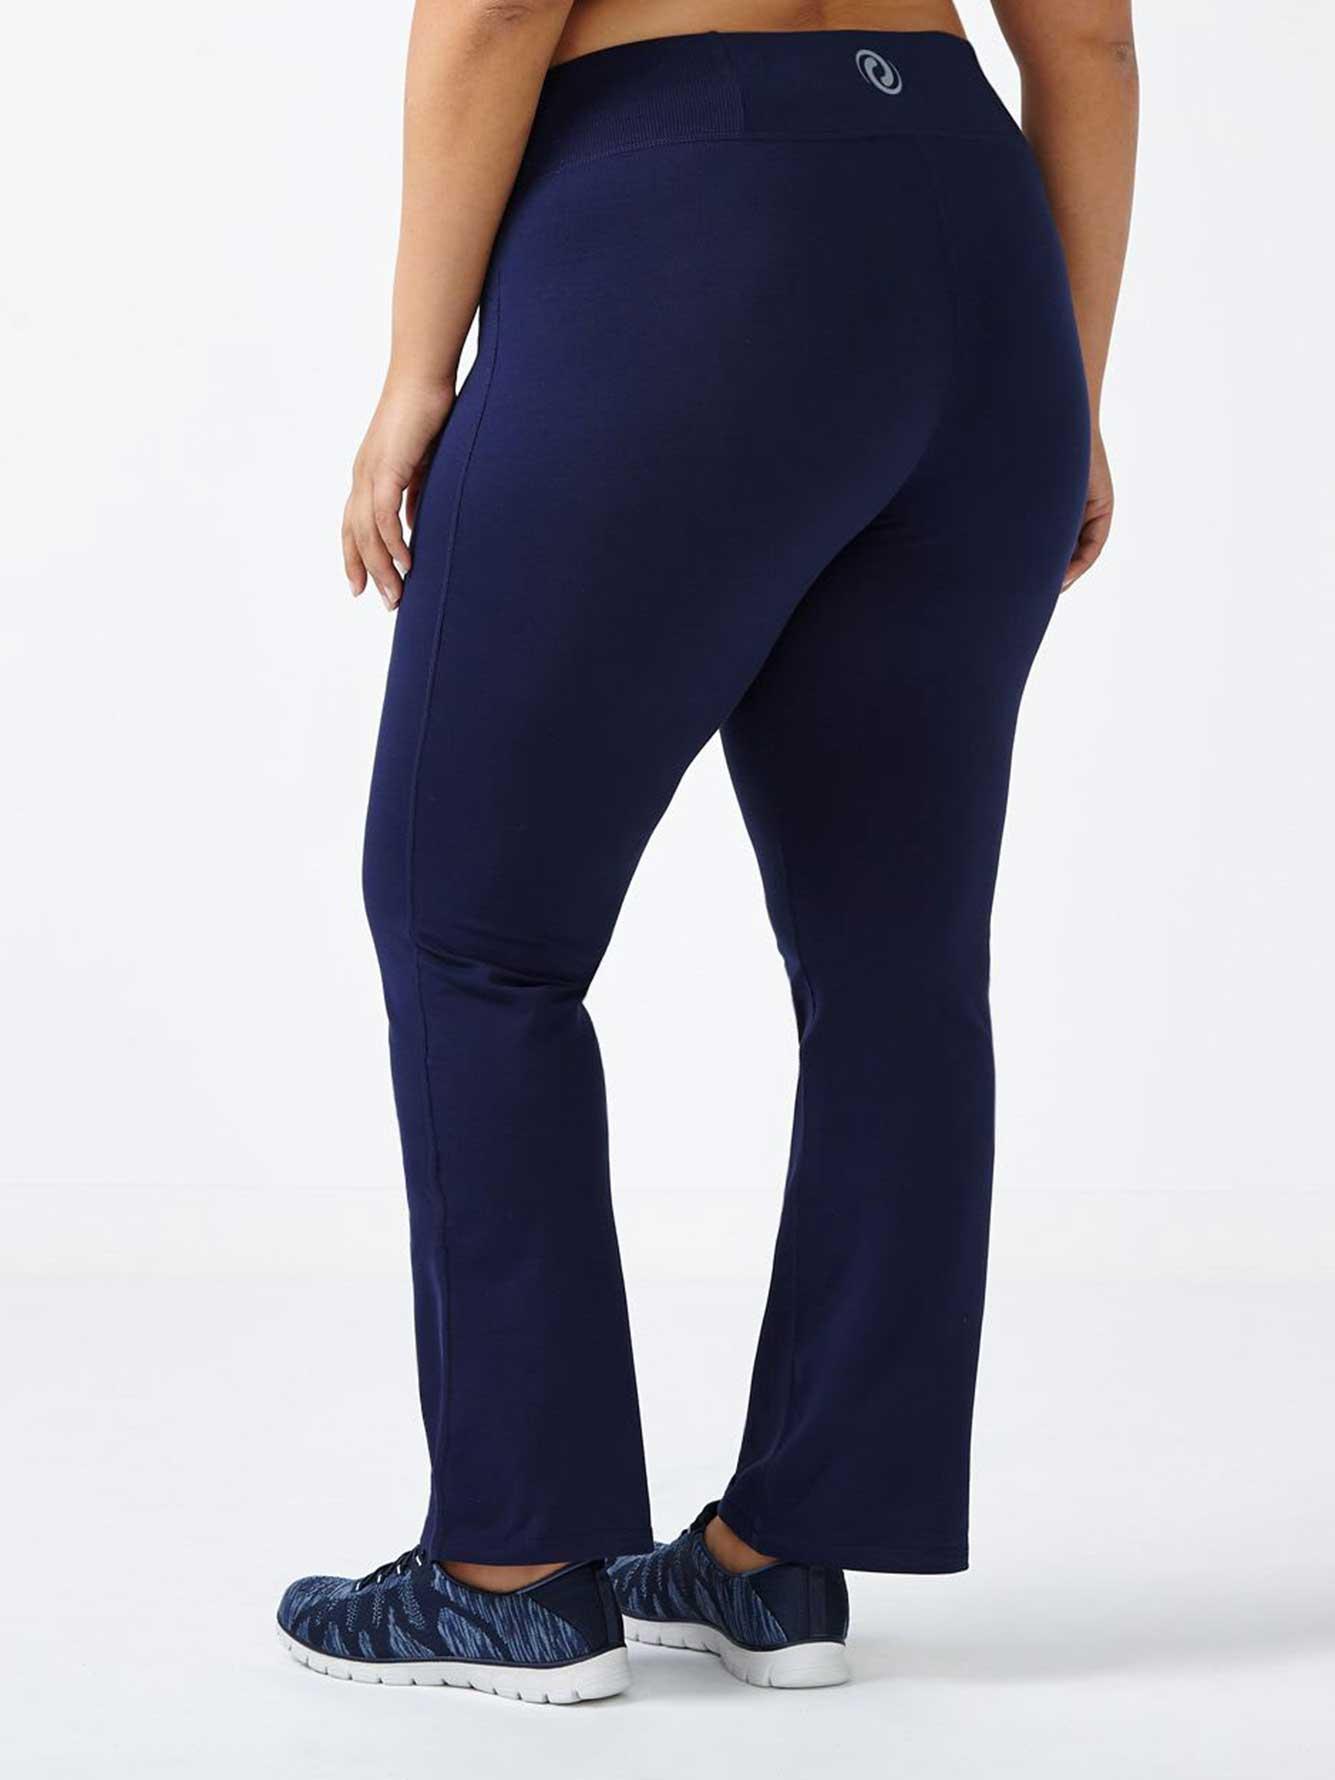 1d433ff2d7a02 Essentials - Petite Plus-Size Basic Yoga Pant | Penningtons